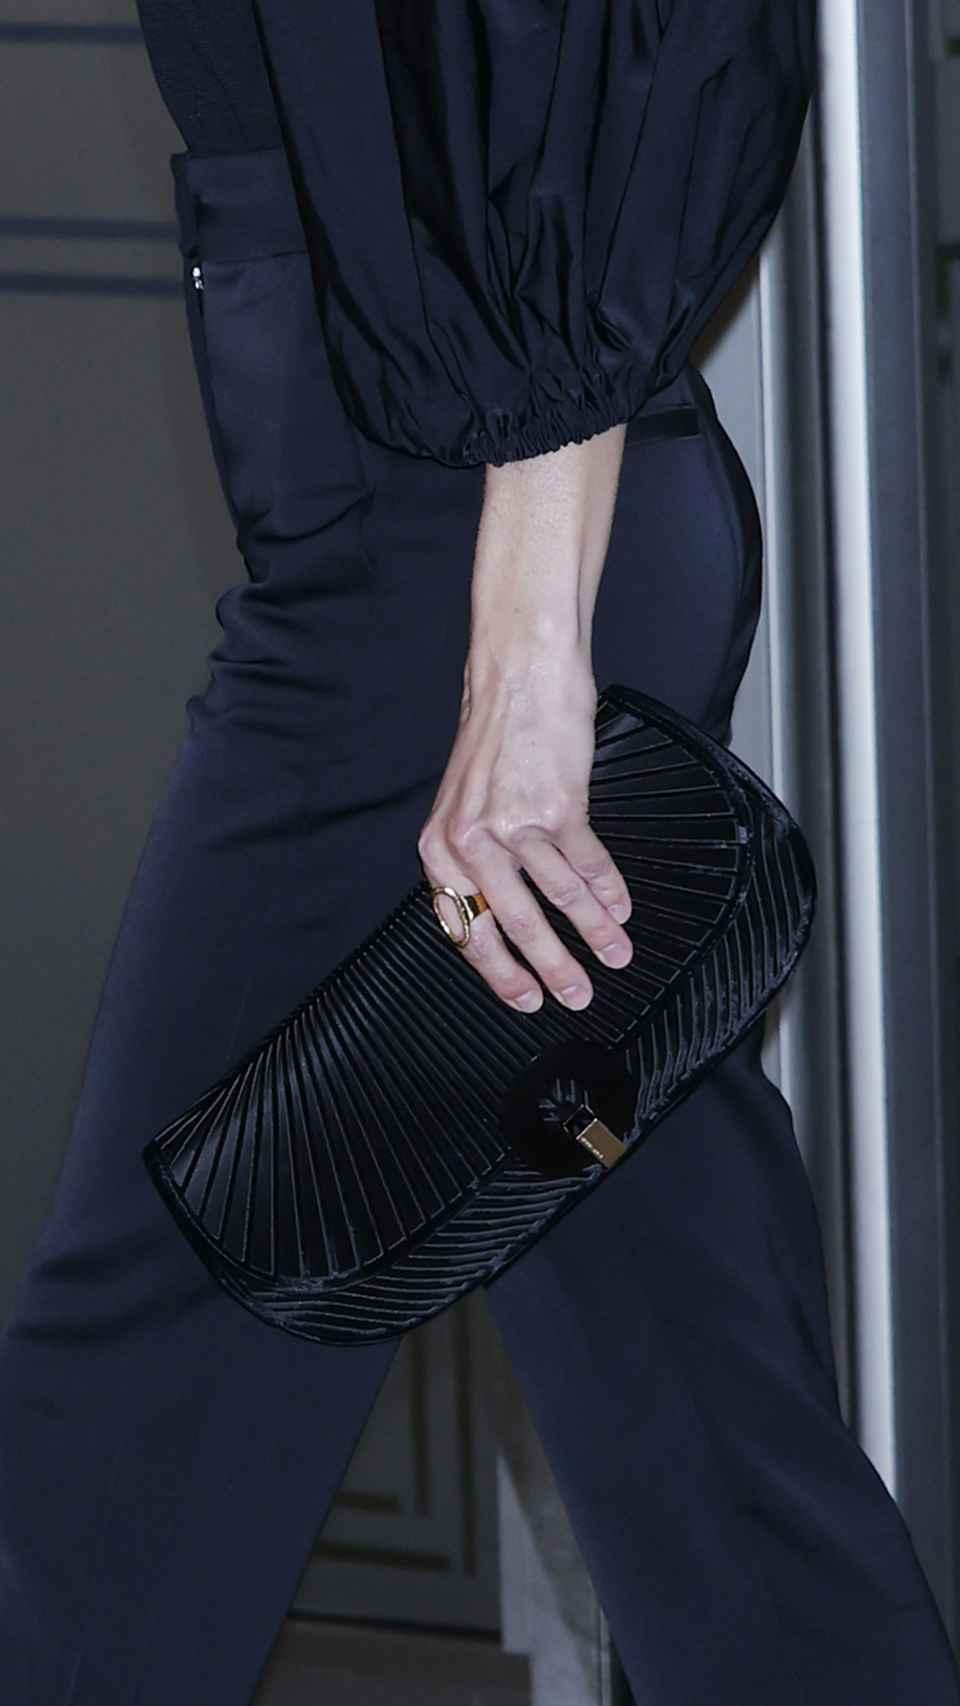 El bolso de Armani de la reina Letizia.